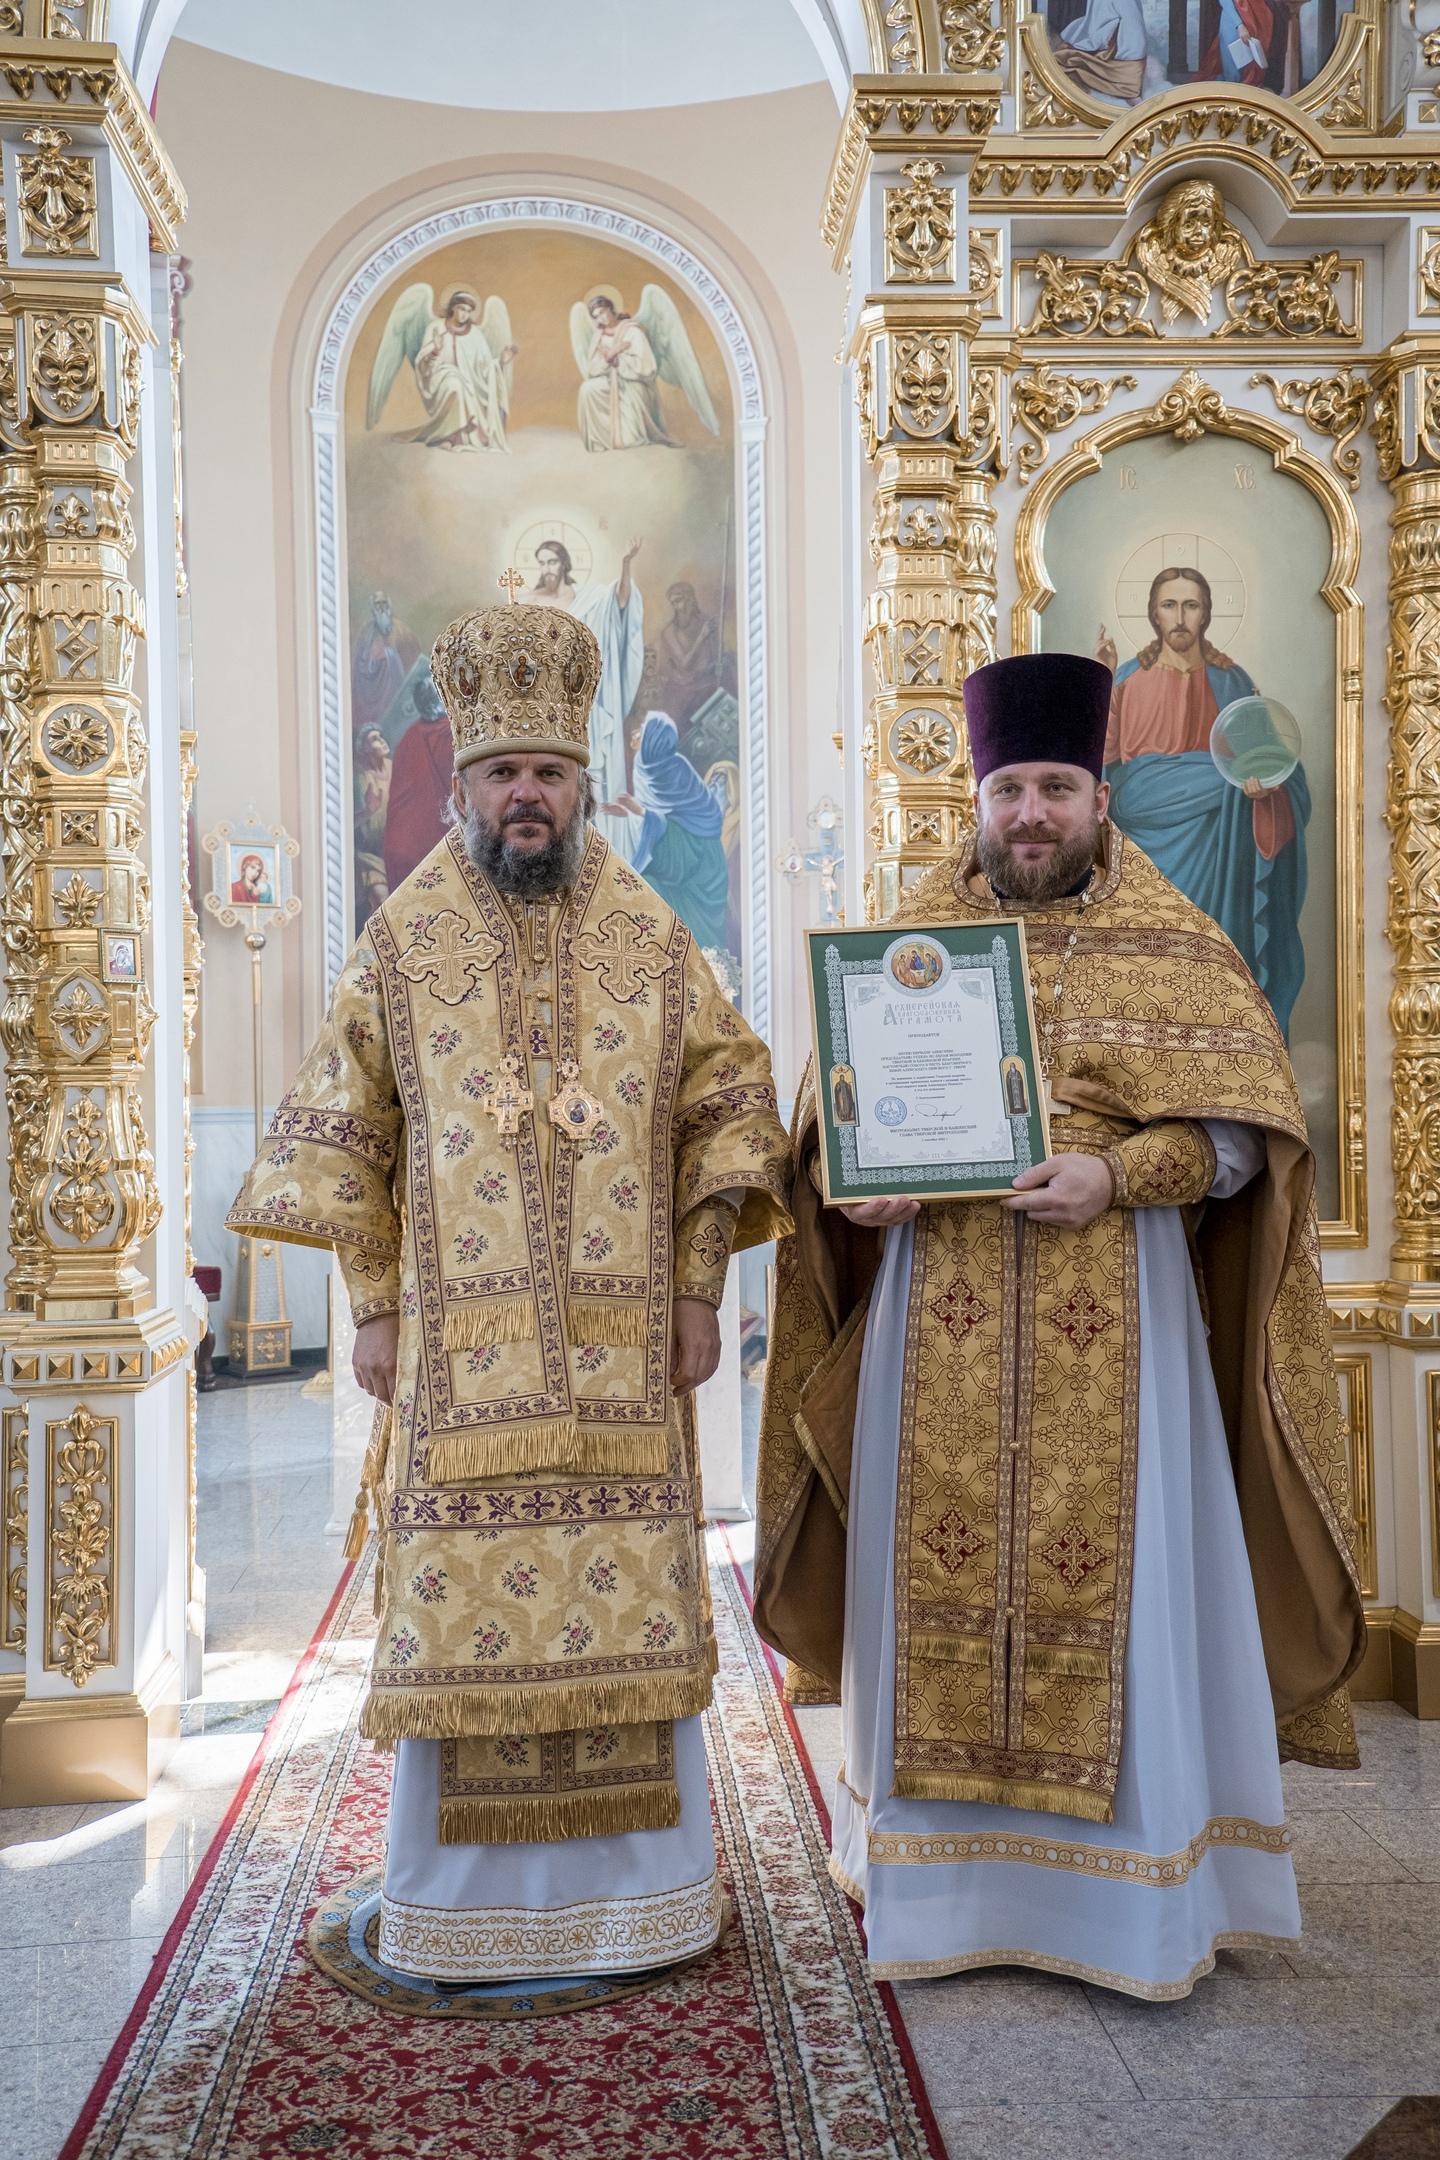 Во внимание к содействию Тверской епархии в организации принесения ковчега с мощами святого благоверного князя Александра Невского